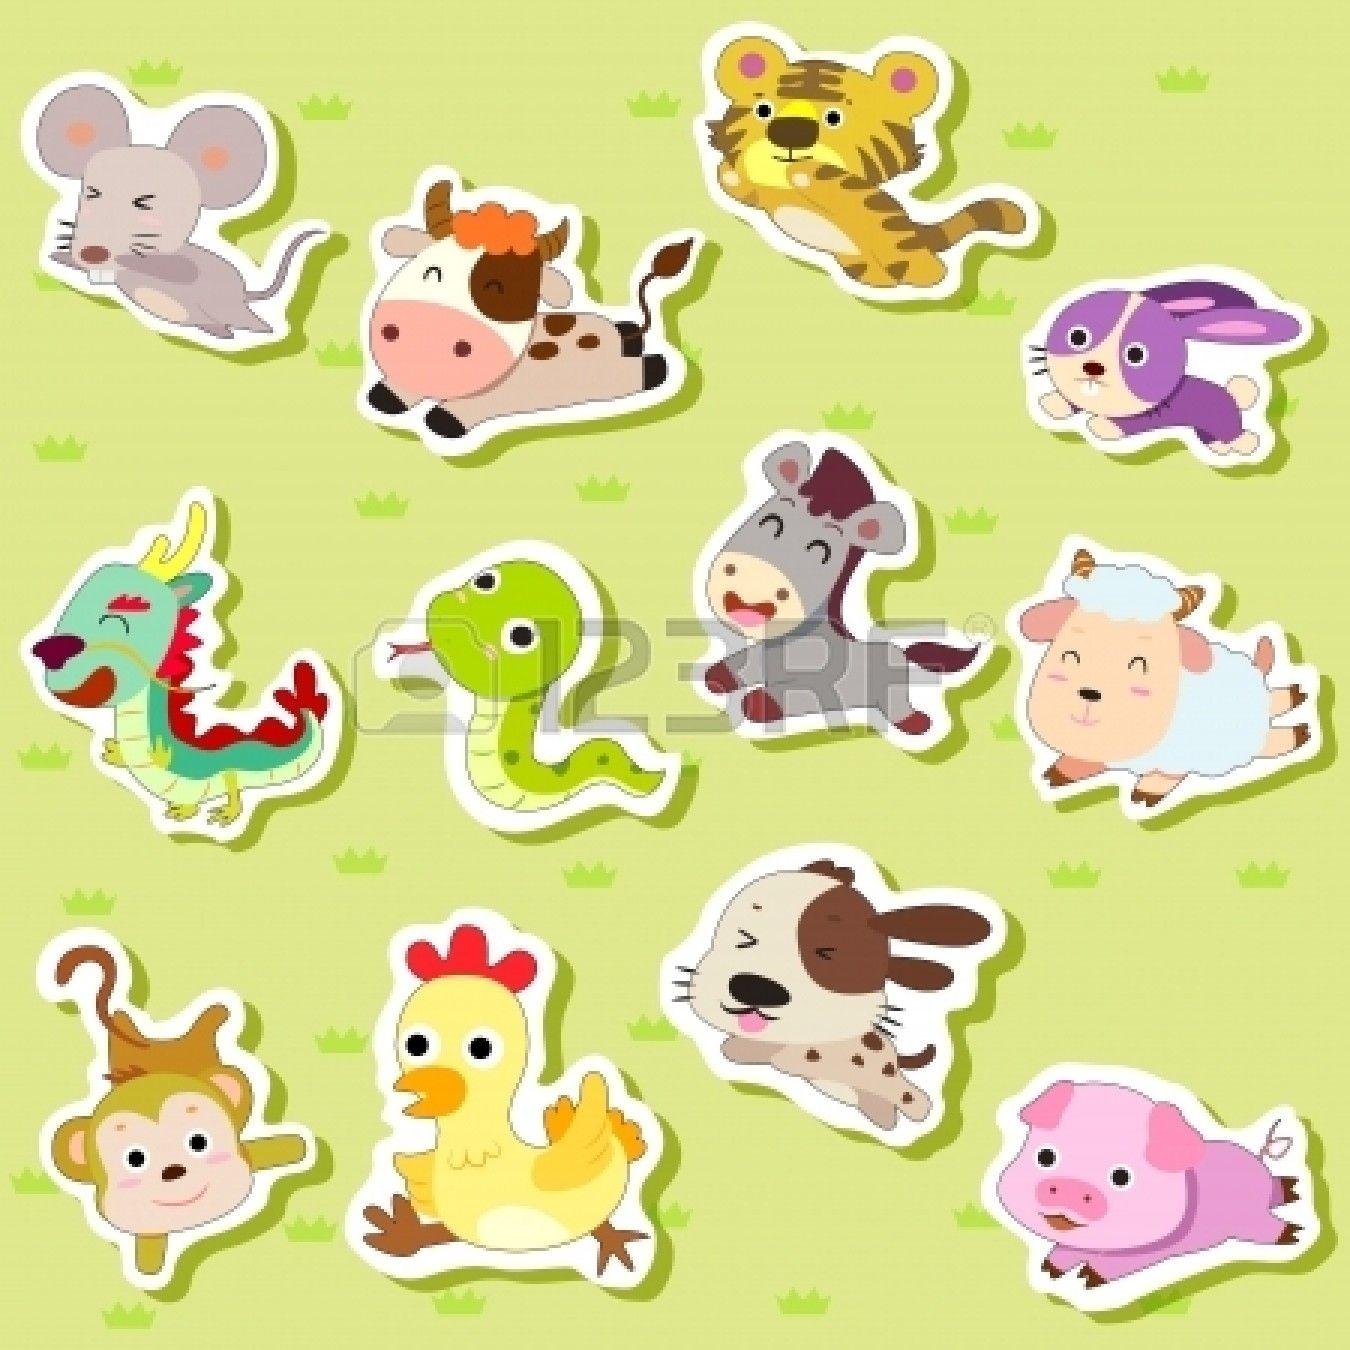 12 Chinos Del Zodiaco Pegatinas De Animales Dibujos Animados Ilustracion Vectorial Ilustracion Vectorial Animales Dibujos Animados Ilustracion Animal